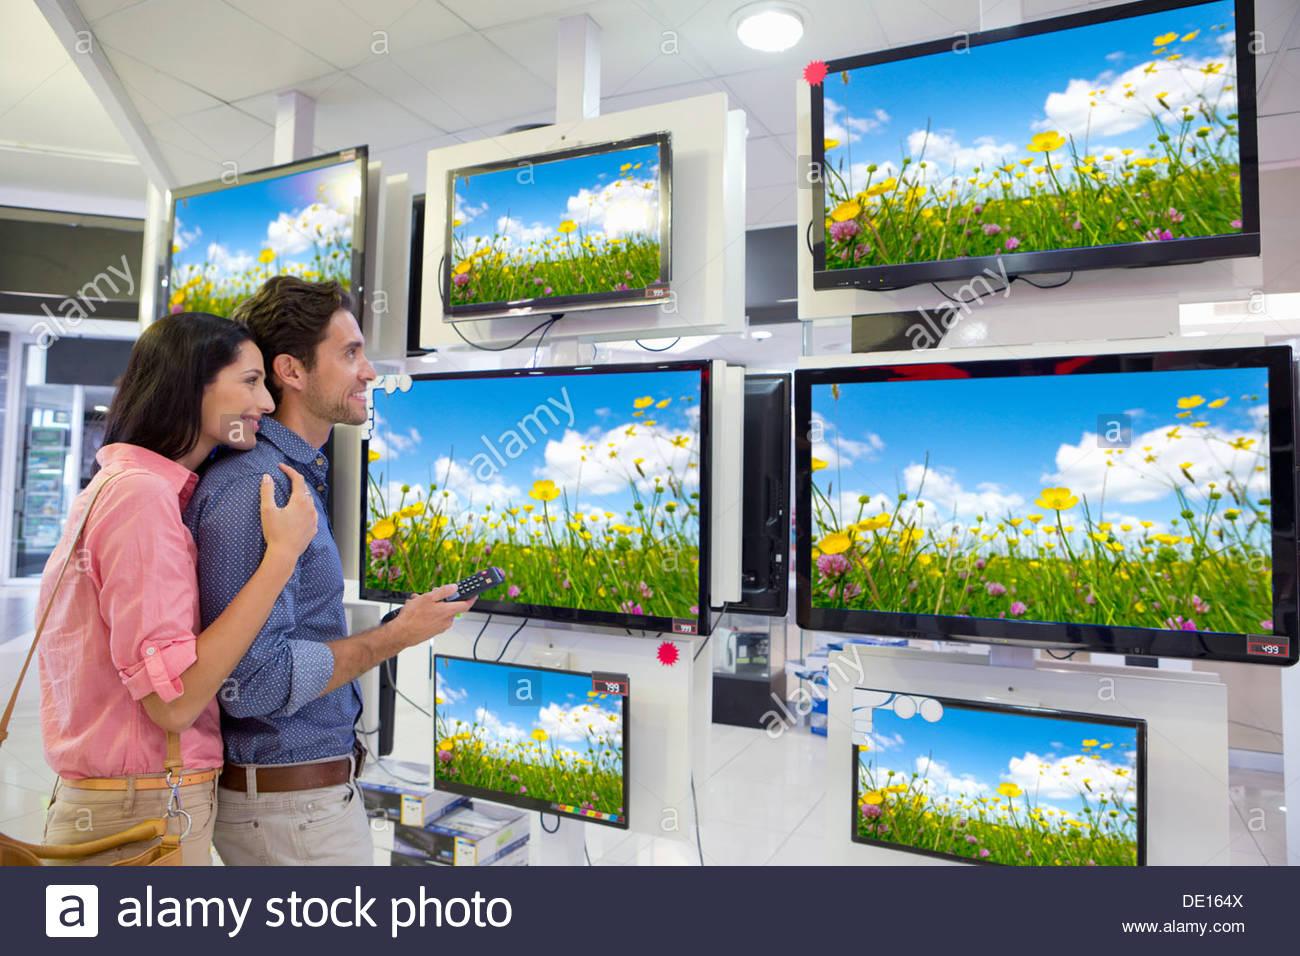 Smiling couple looking at fleurs sauvages sur la télévision à écran plat dans votre magasin d'électronique Photo Stock